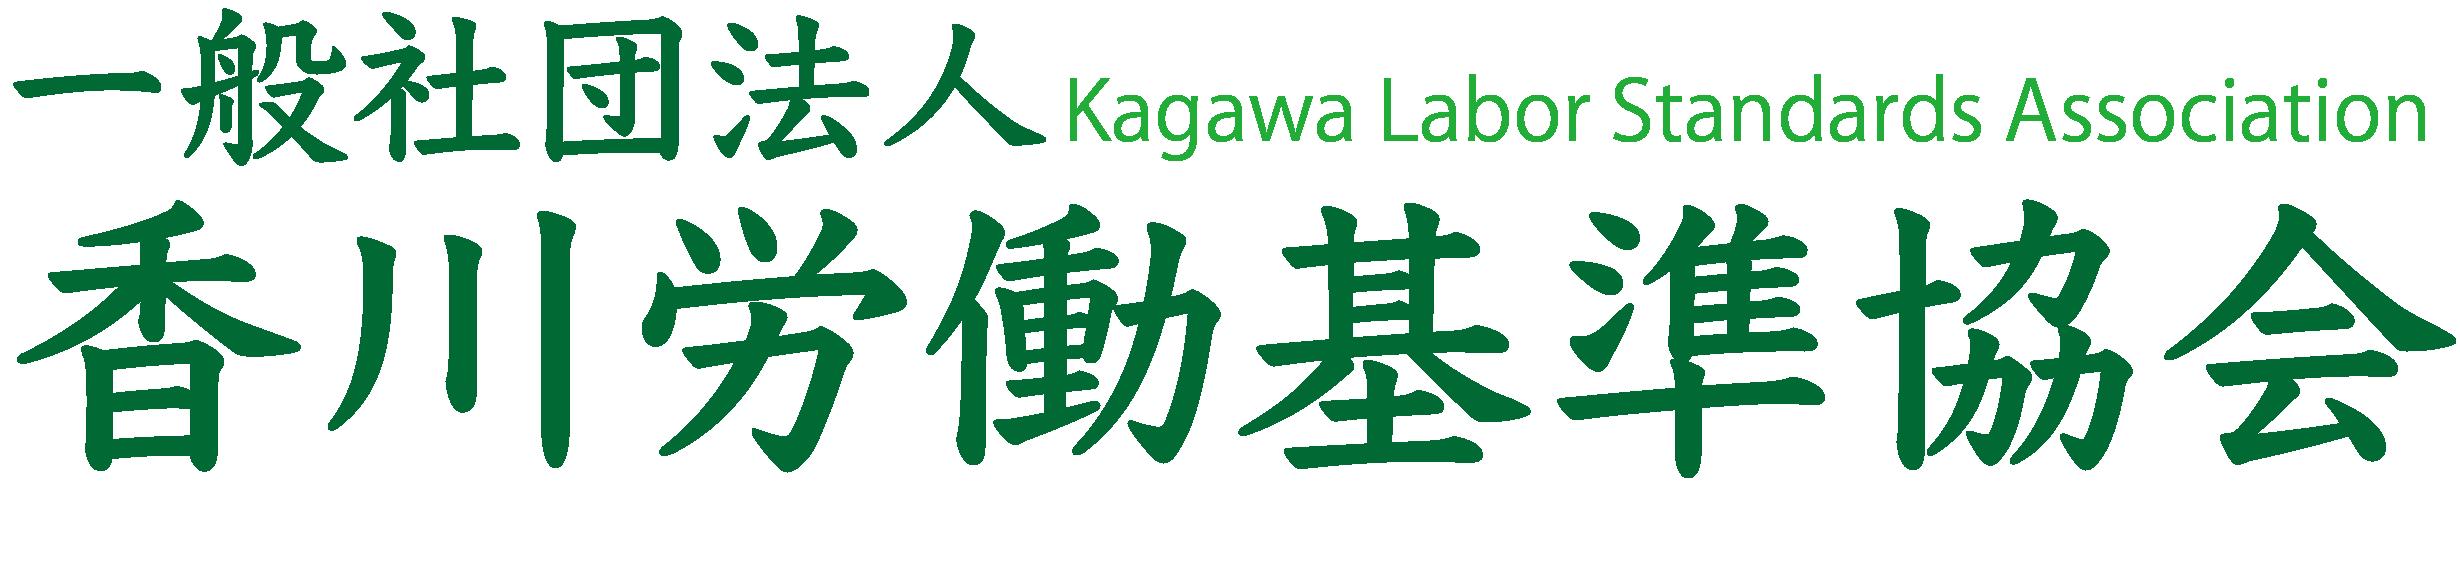 公式)一般社団法人 香川労働基準協会